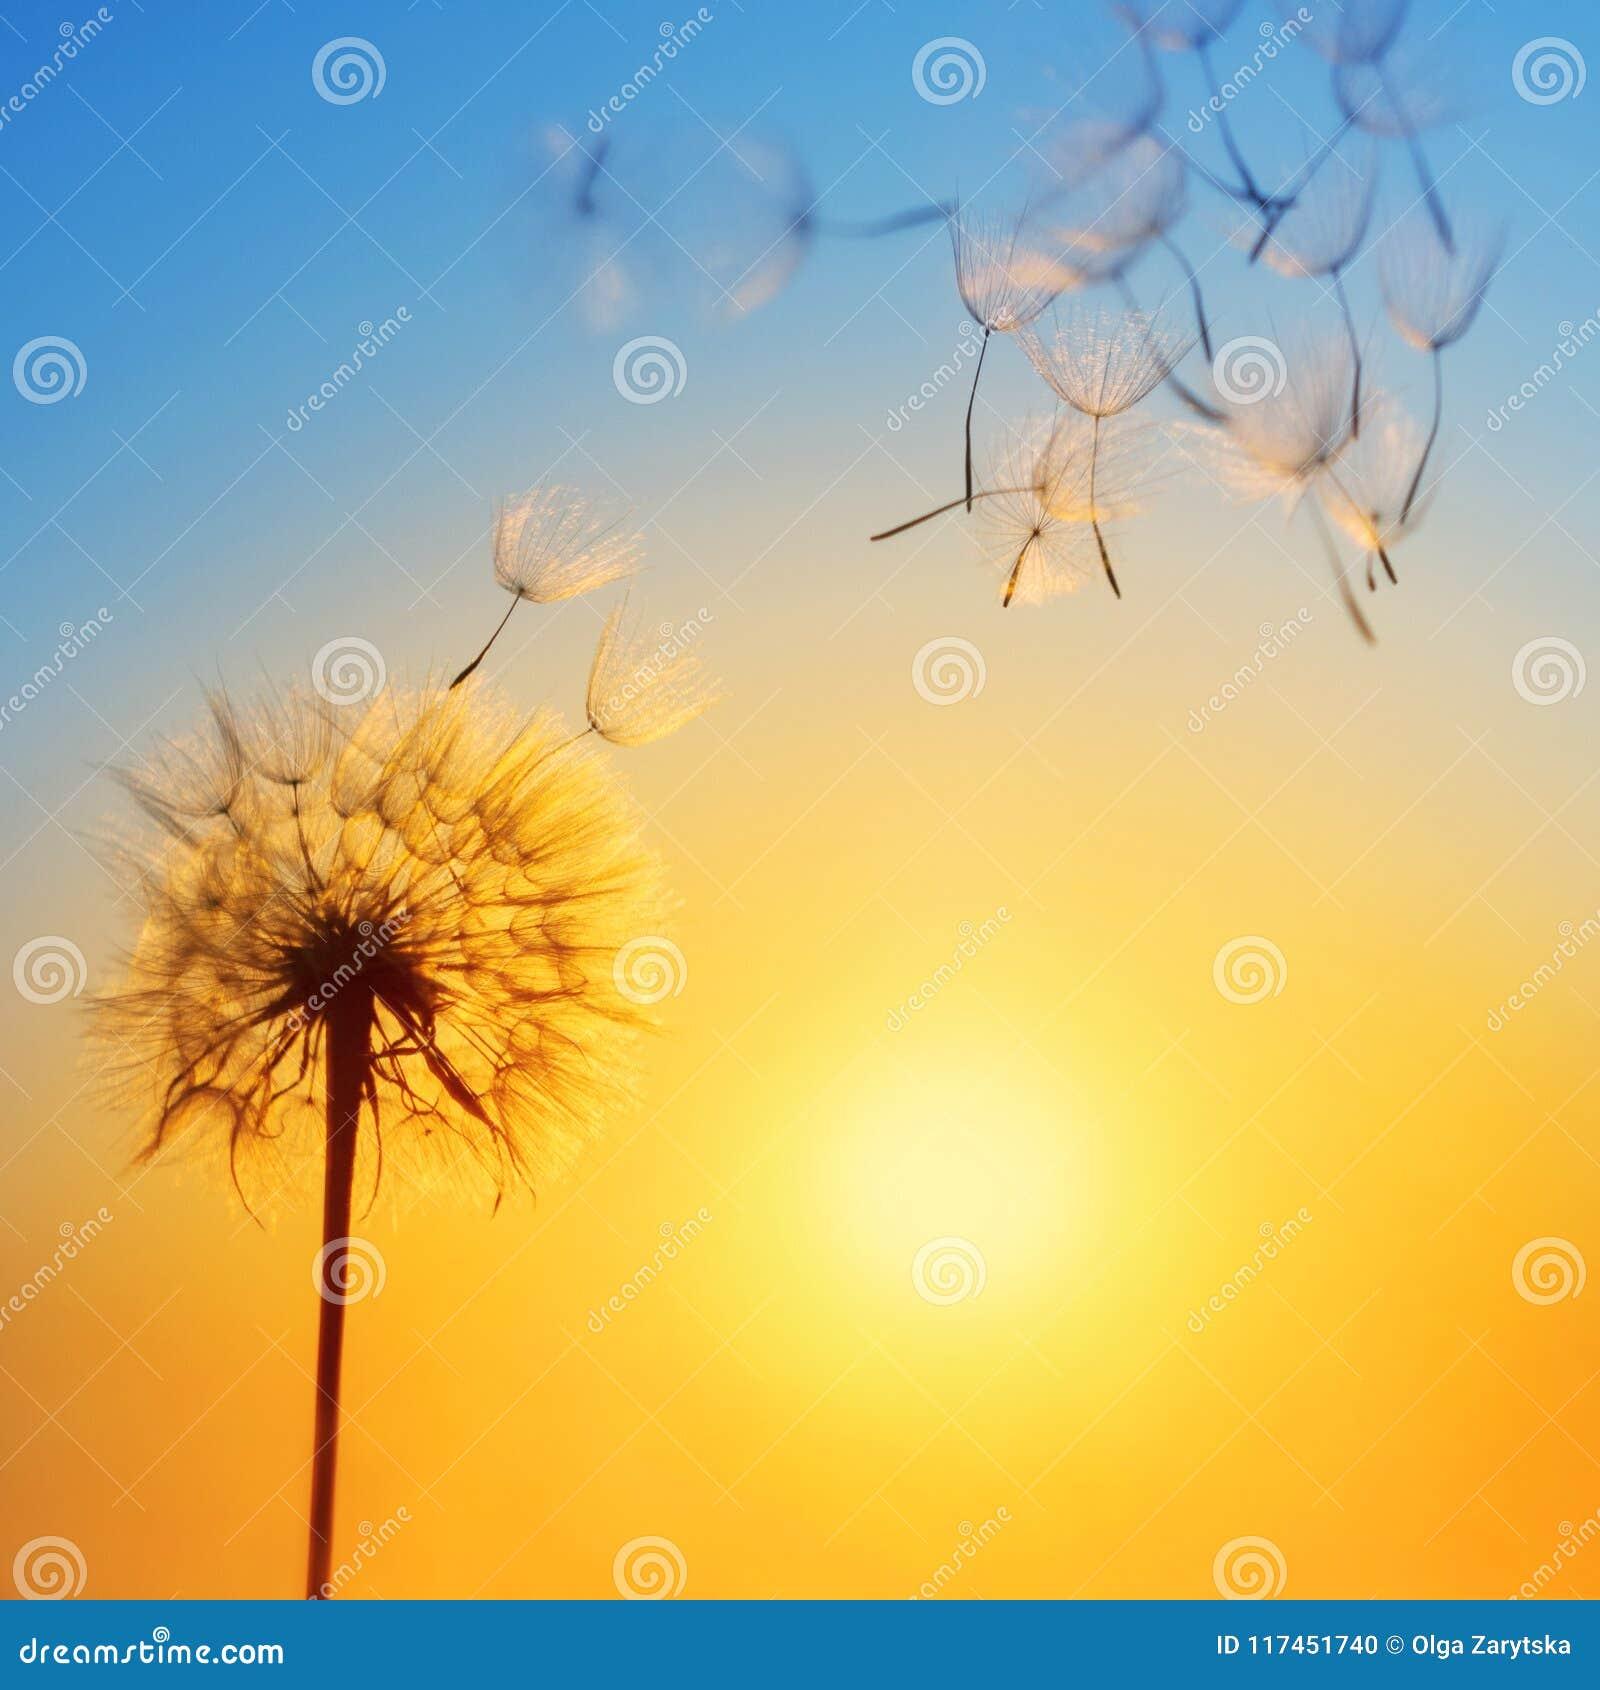 Silhouet van paardebloem tegen de achtergrond van de het plaatsen zon